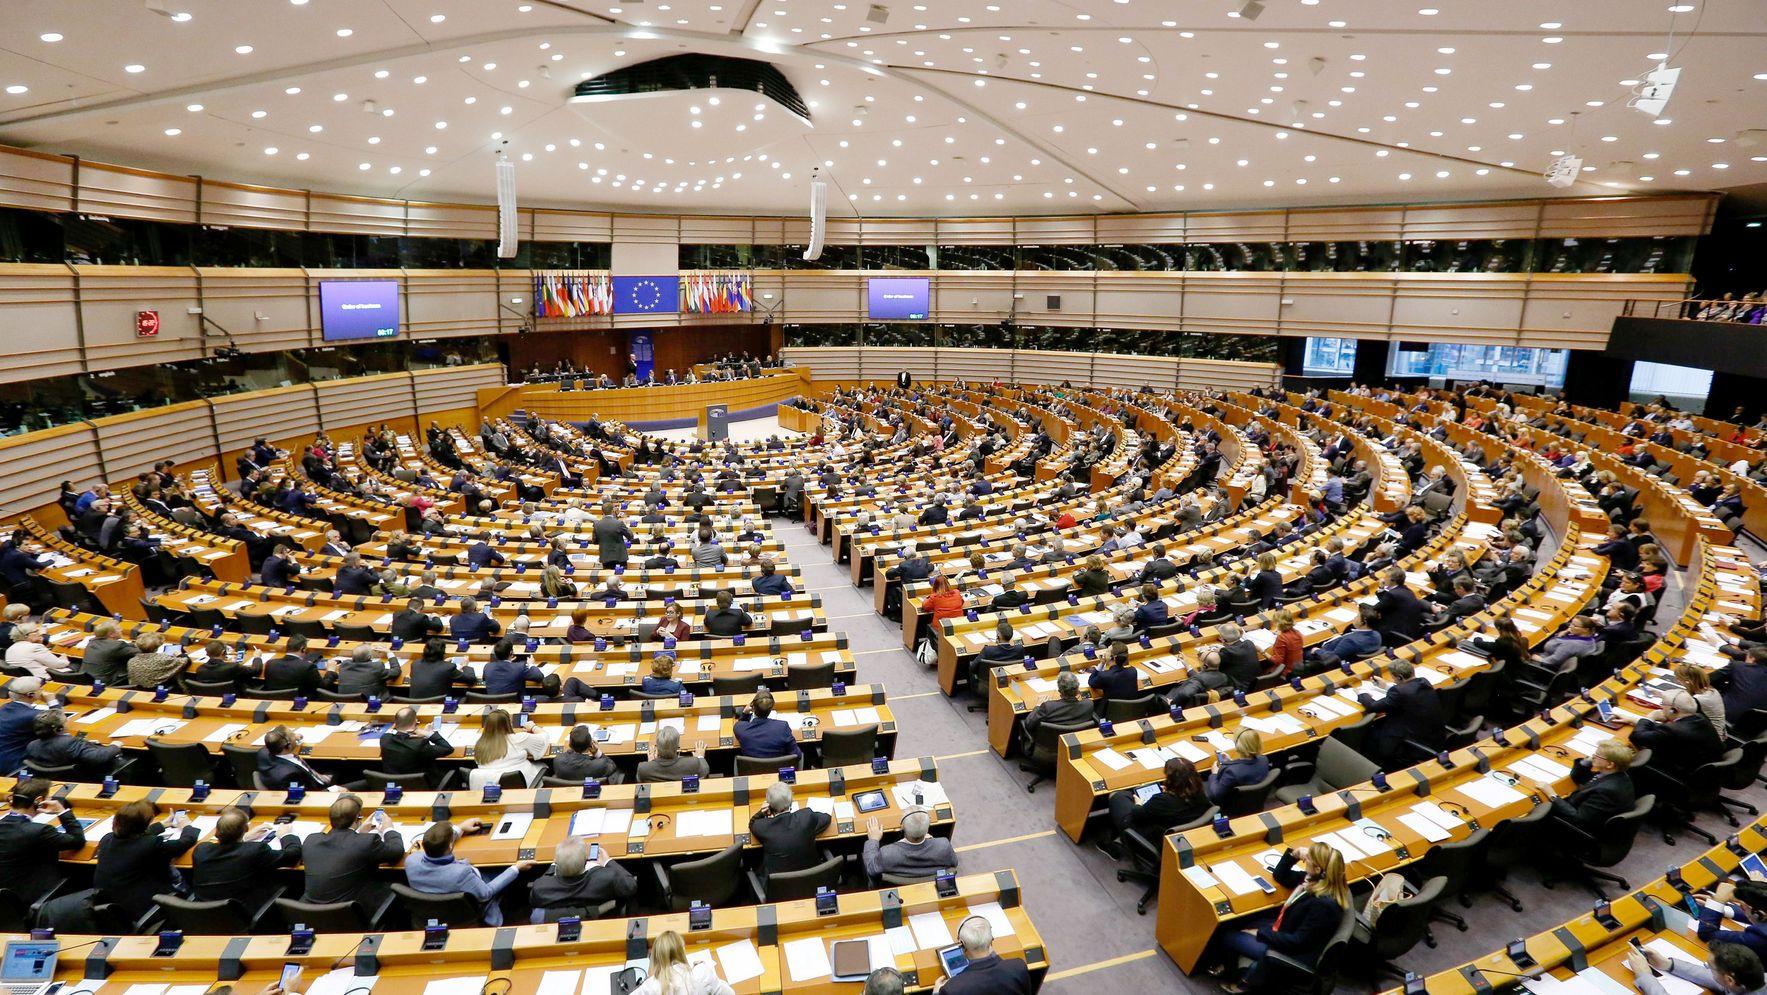 Belgien, Brüssel: Blick in das Europaparlament während einer Plenarsitzung